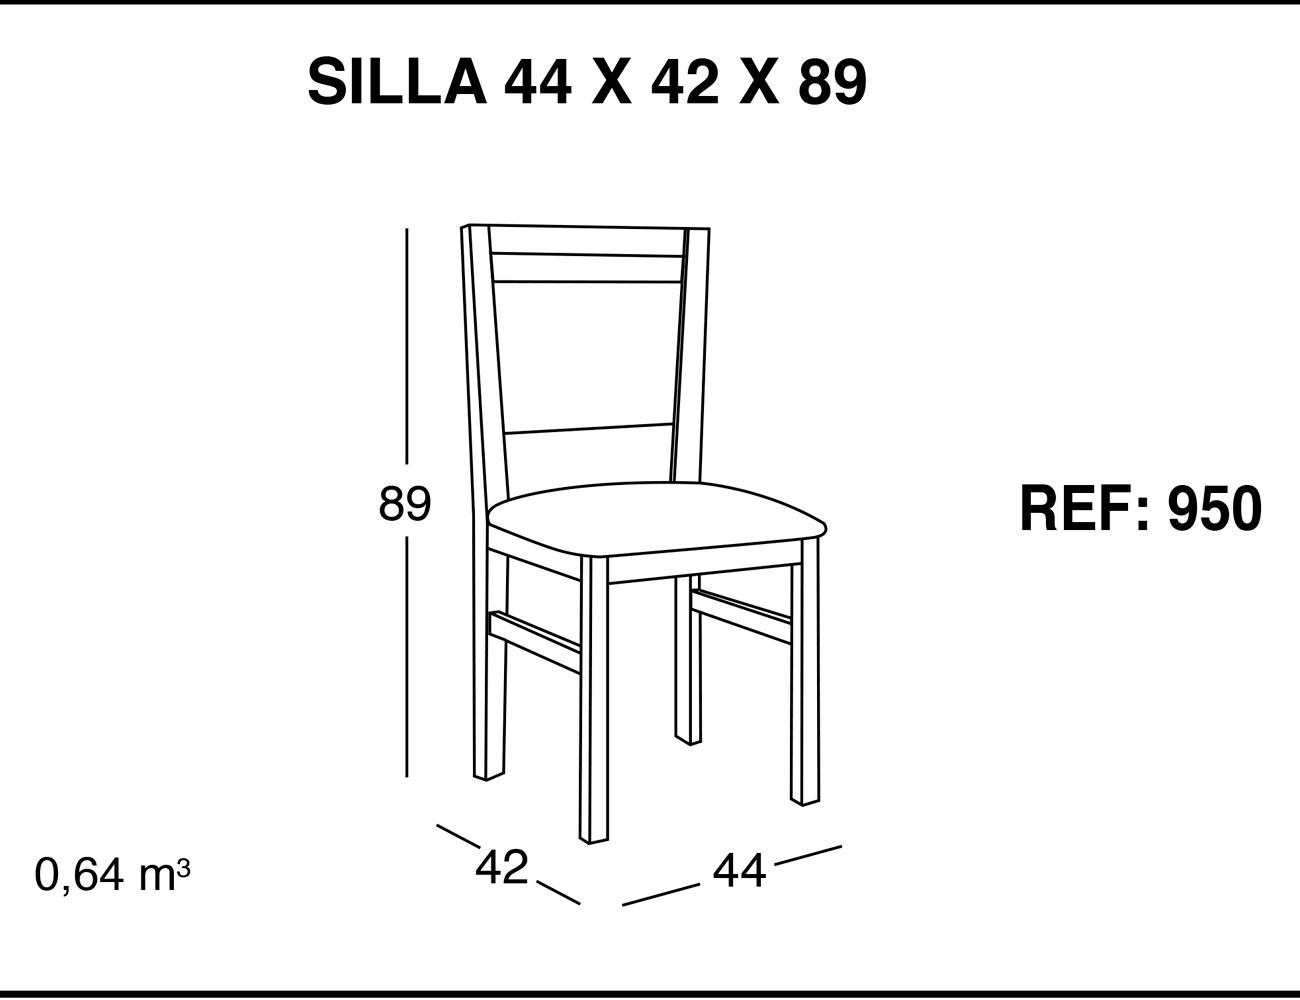 Silla 44 42 89